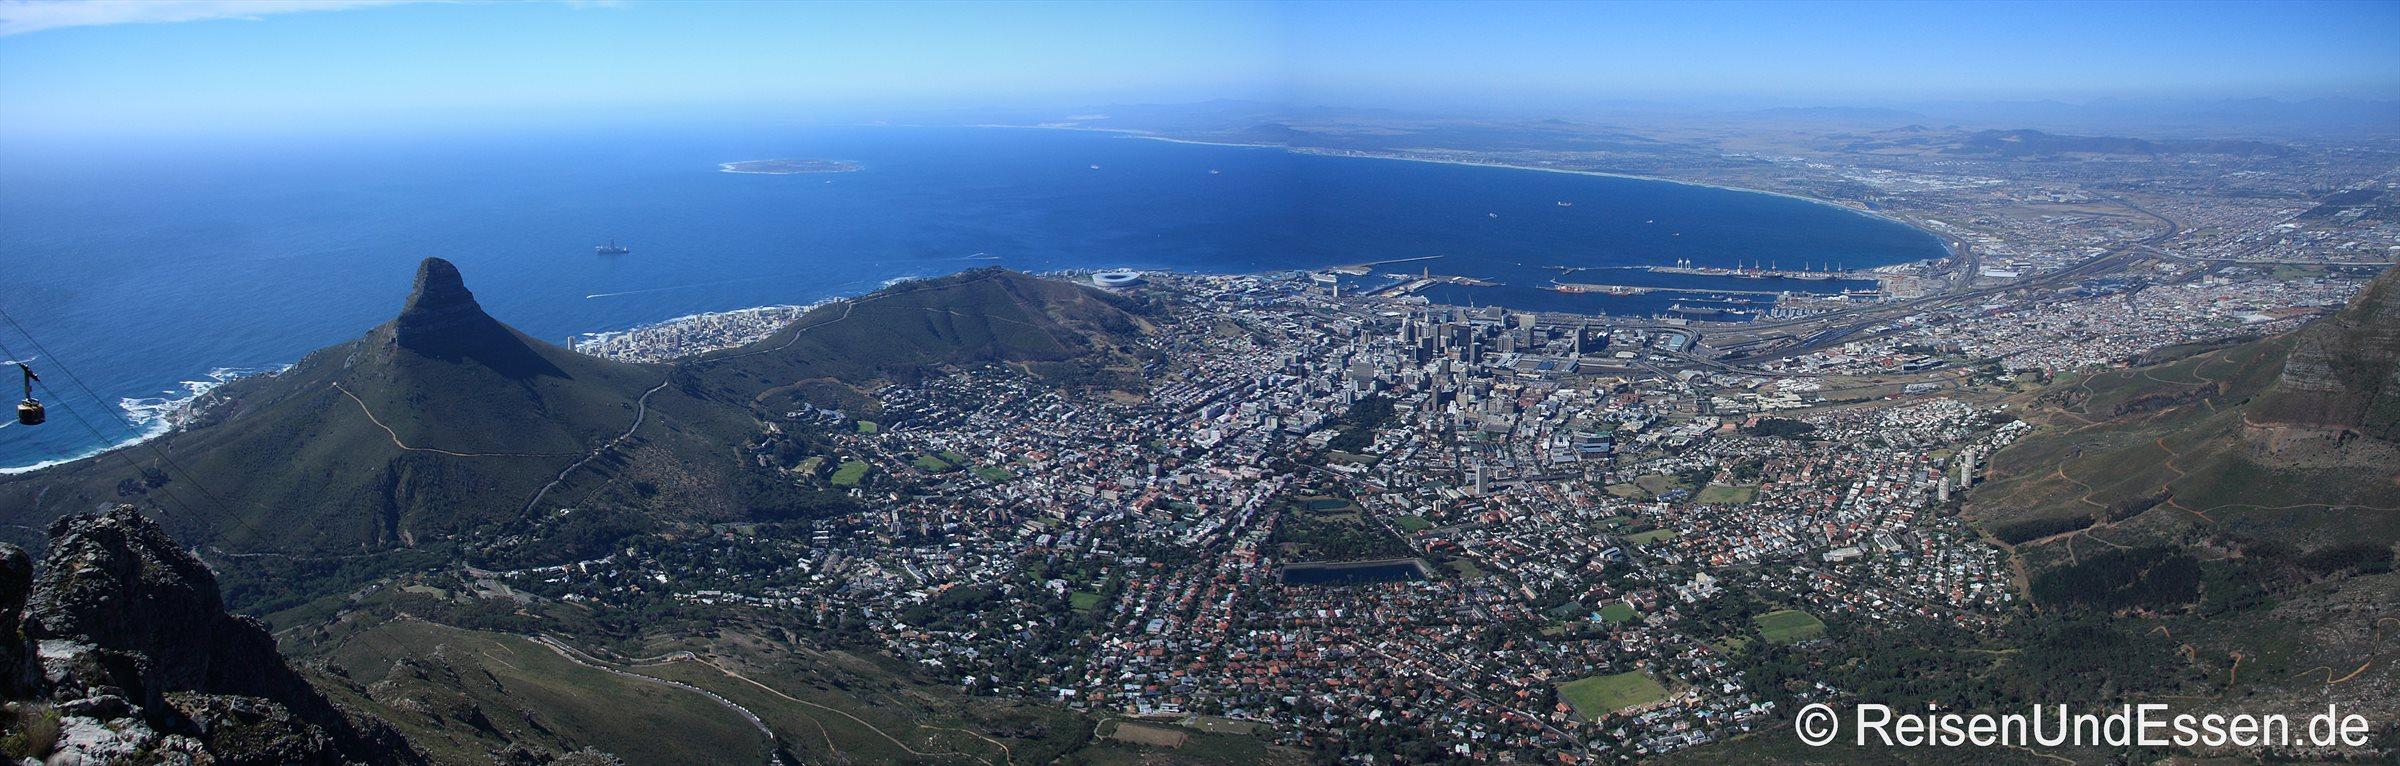 Panorama vom Tafelberg